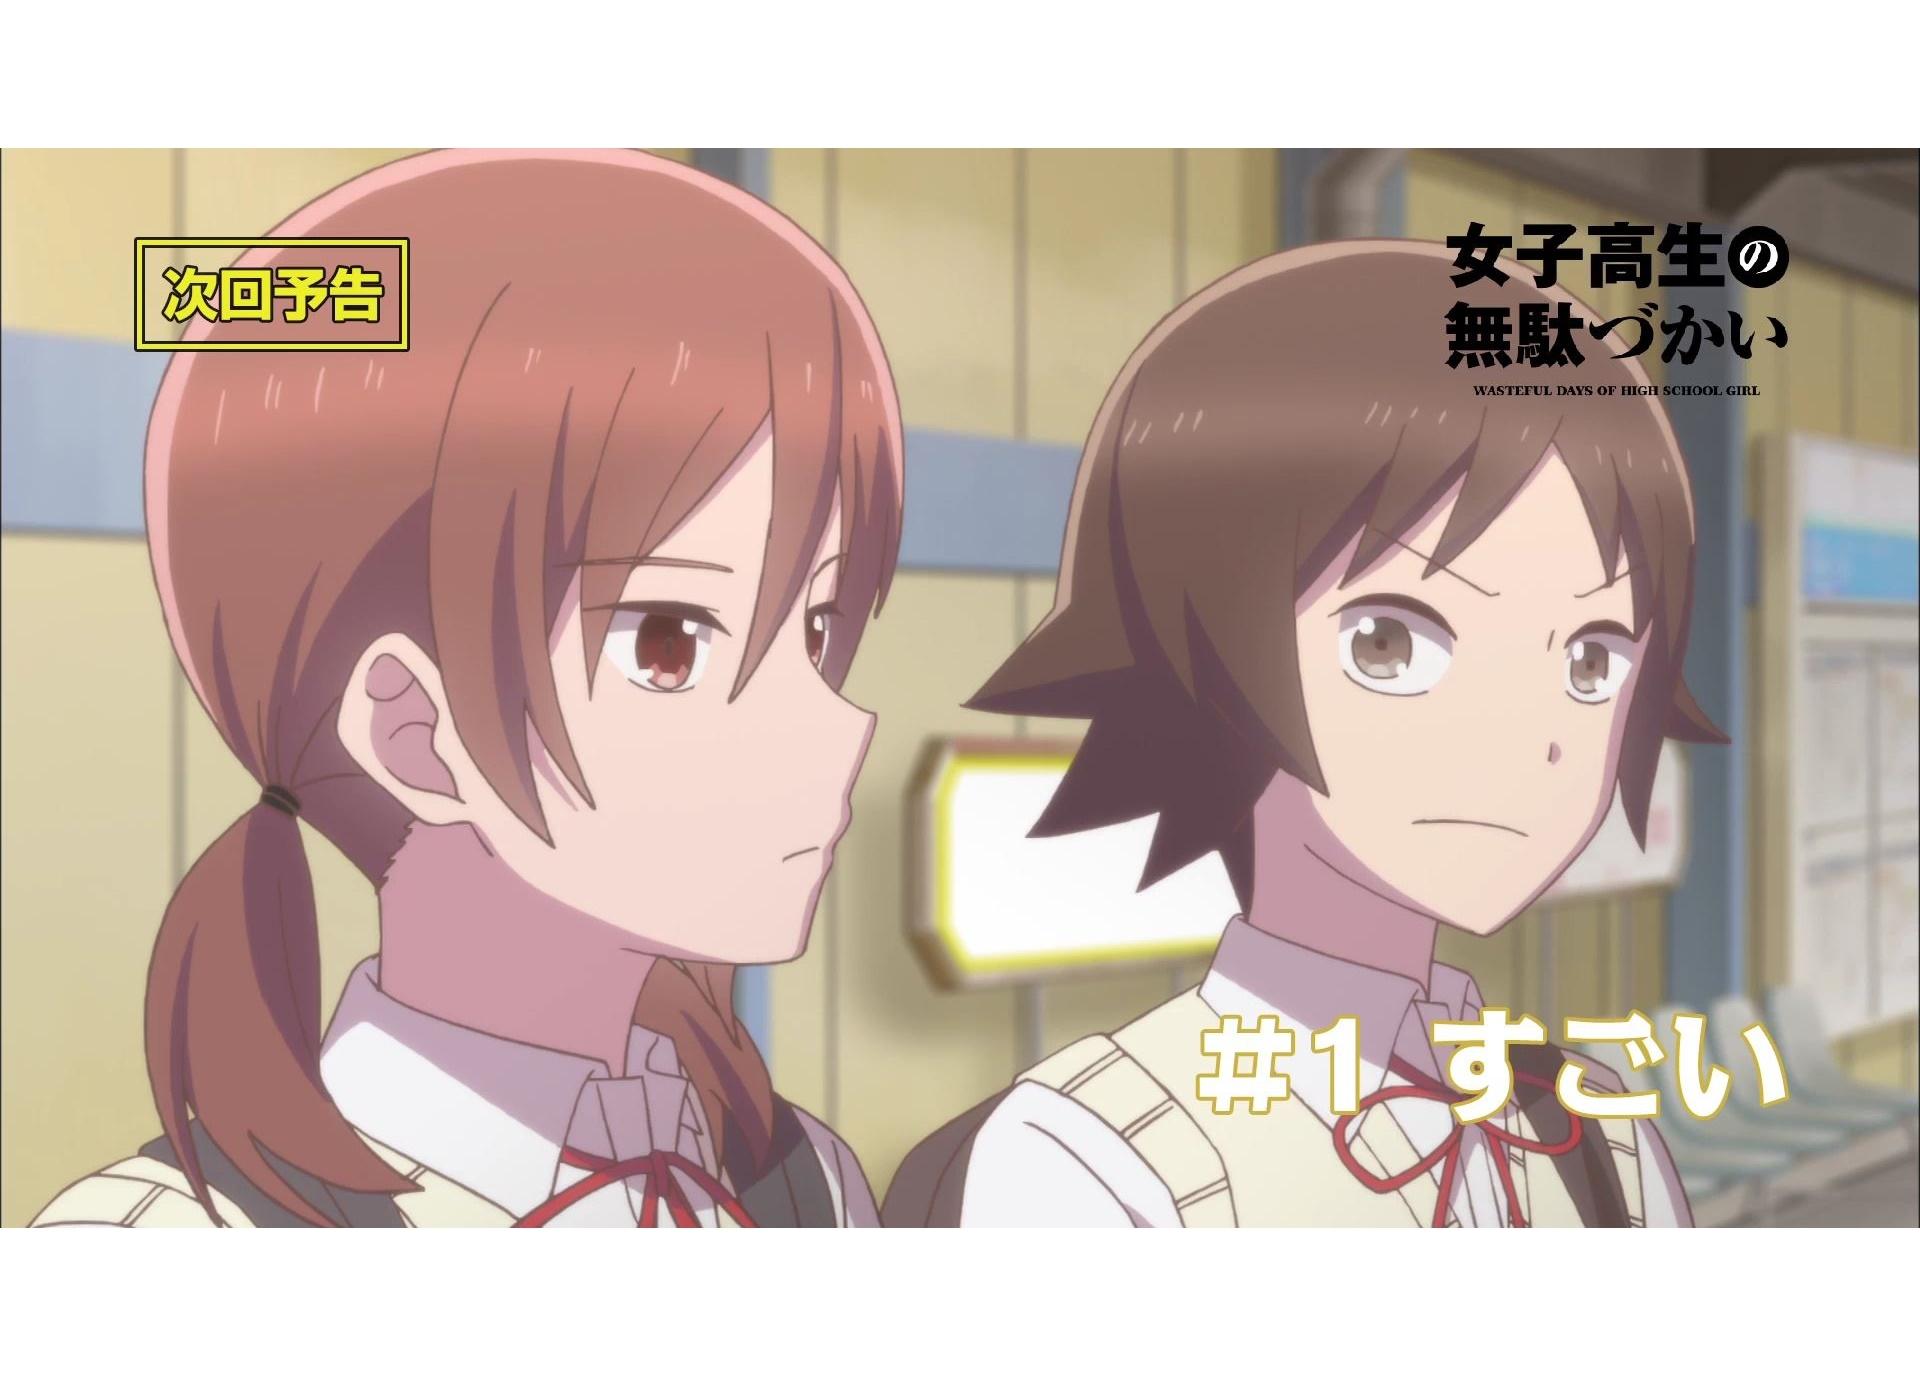 夏アニメ『女子高生の無駄づかい』第1話あらすじ、先行カット、予告動画到着